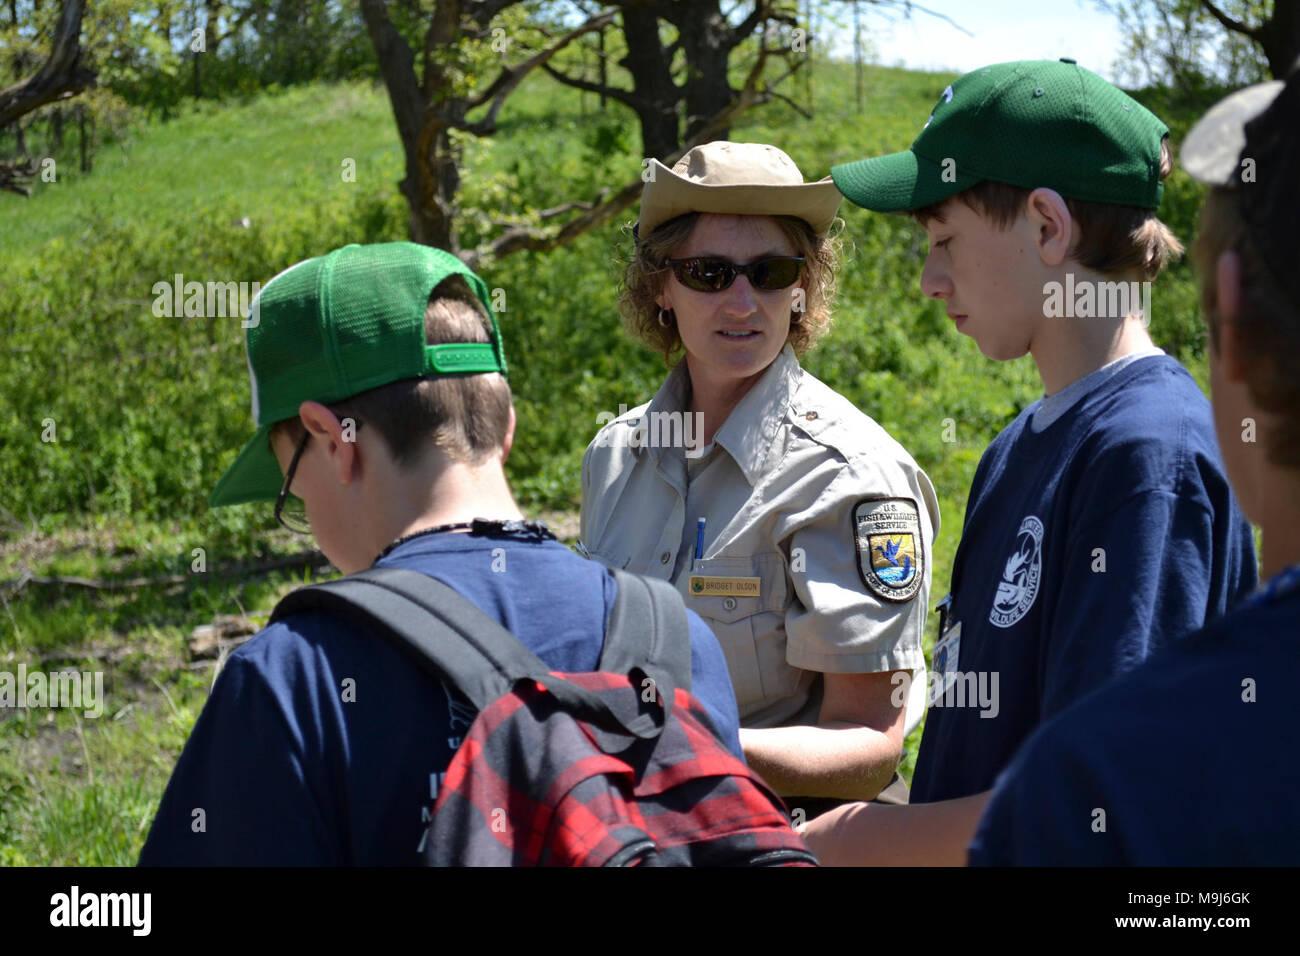 Litchfield Wetland Management District Wildlife Refuge Spezialist Birgitta Olson lehrte Pfadfinder über das Konzept der Vektoren. Foto von Tina Shaw/USFWS. Stockfoto